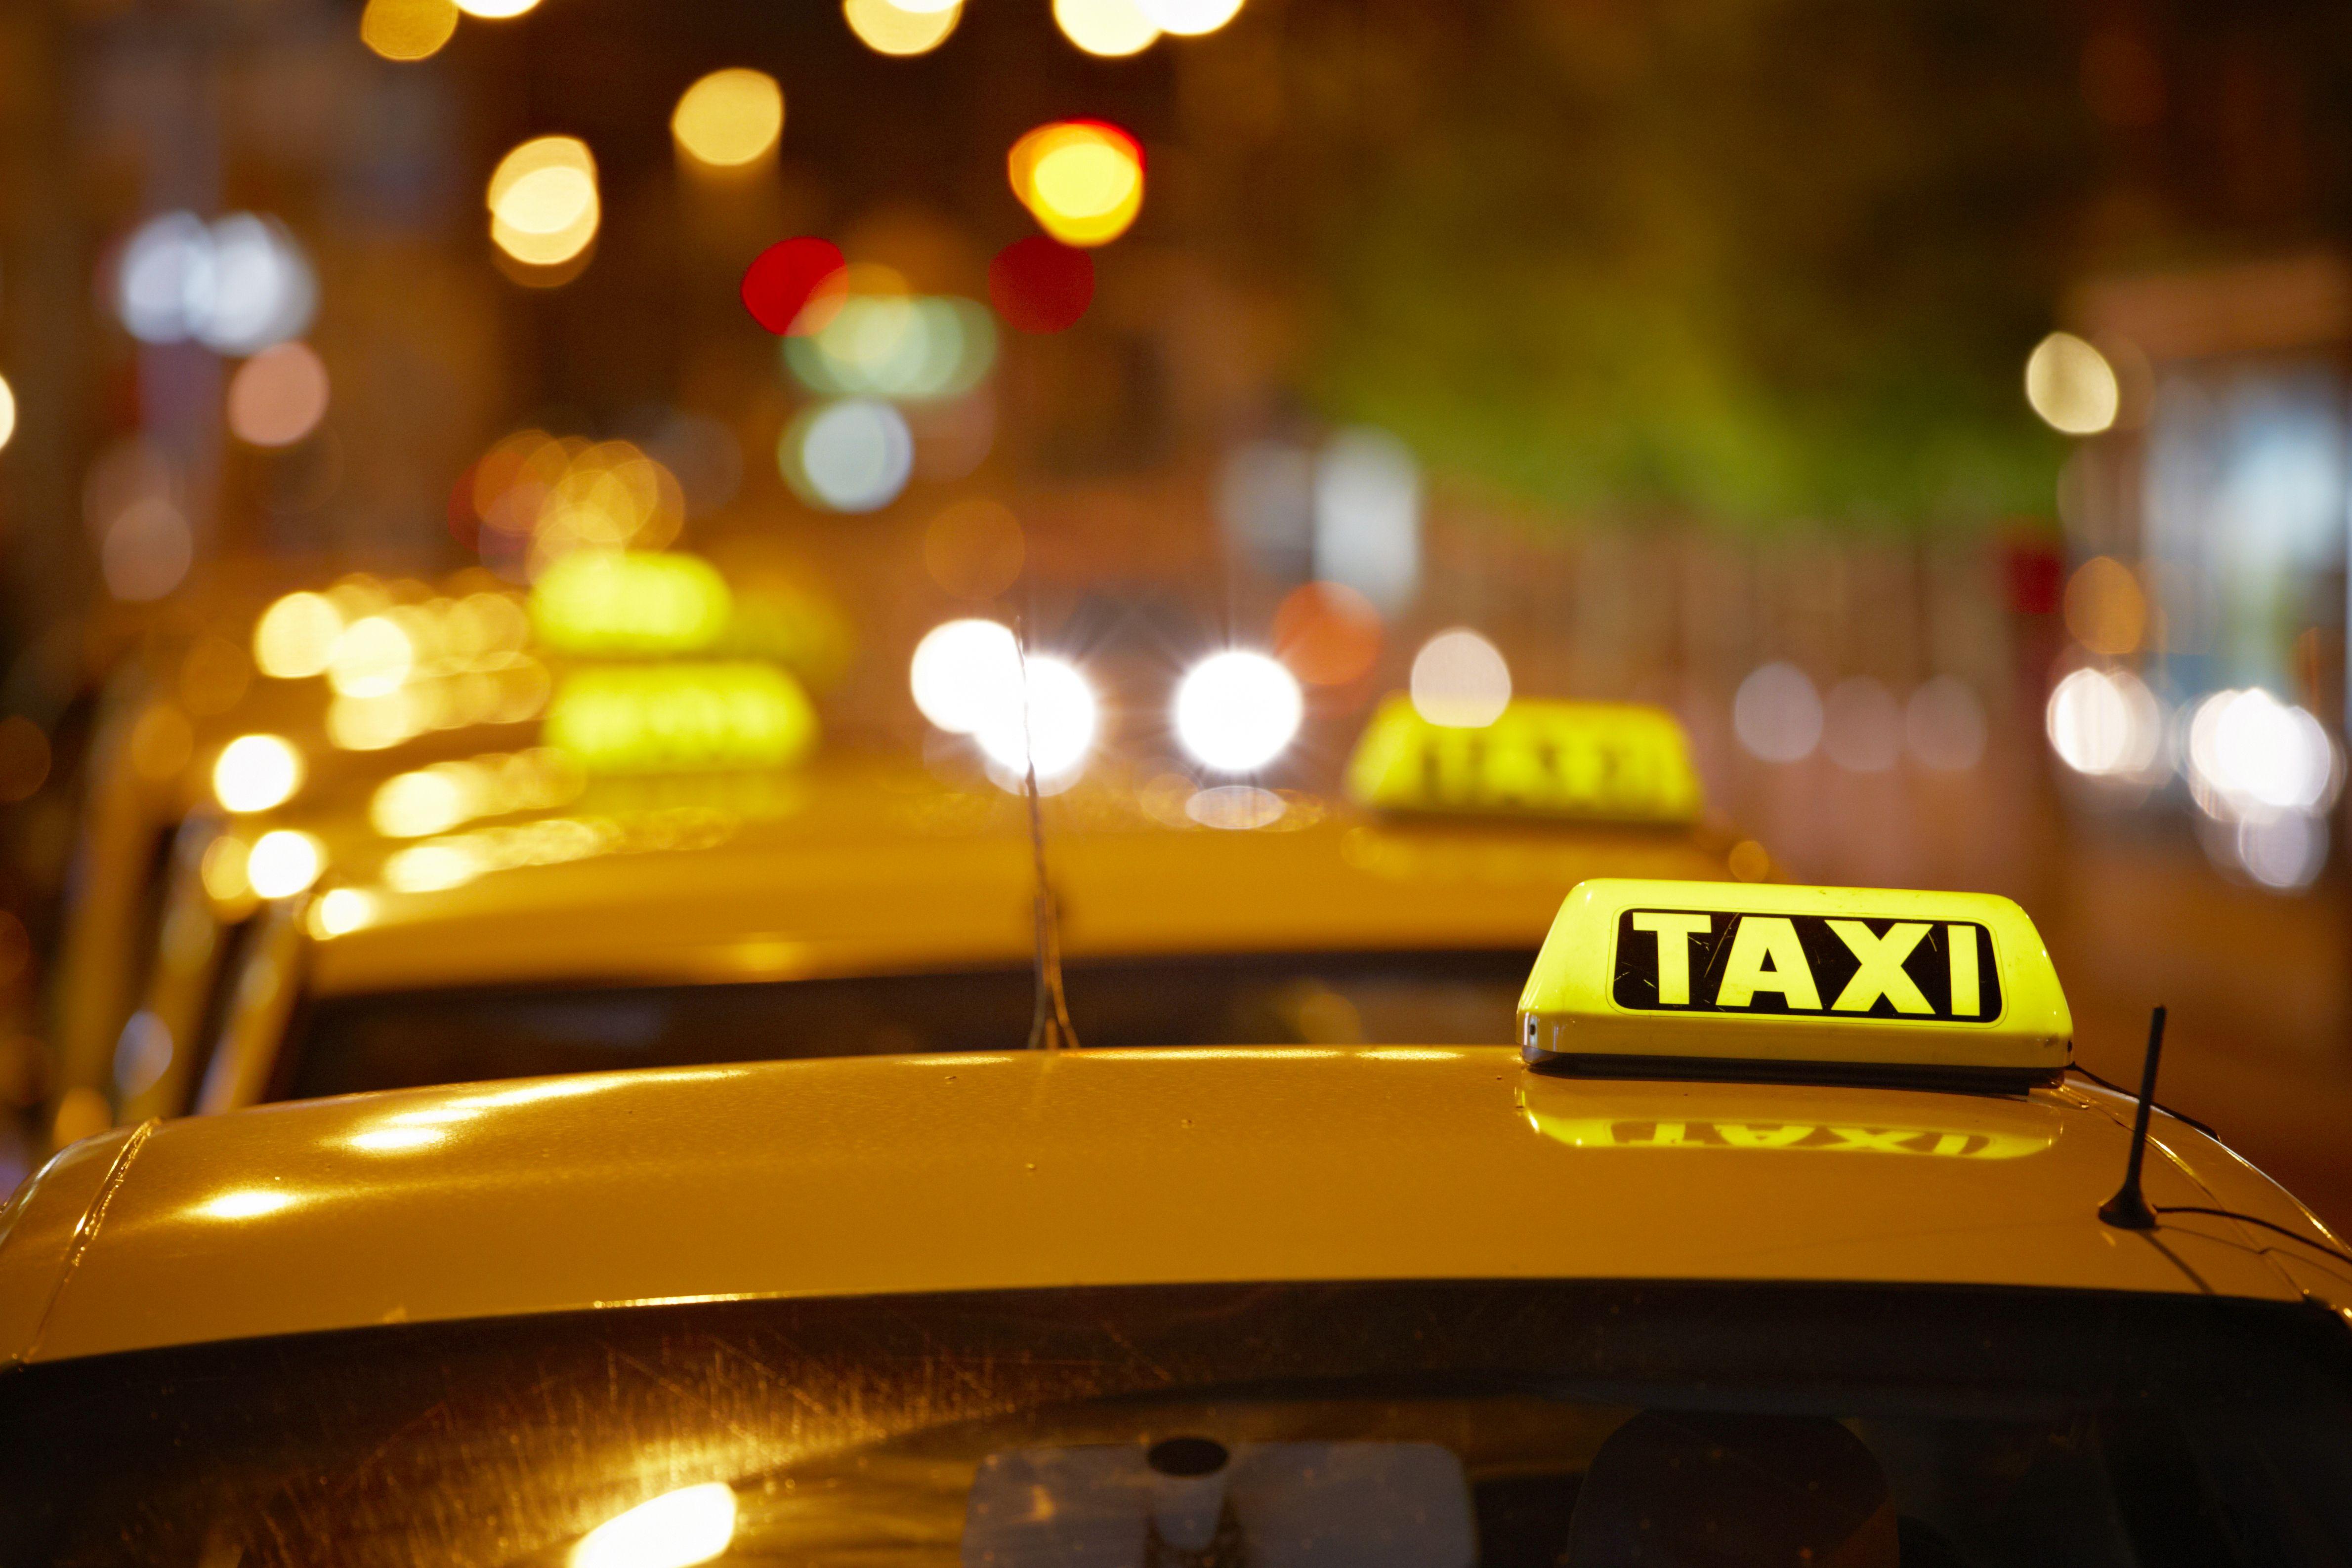 Traslado de pasajeros: Servicios de Taxi T. Molina